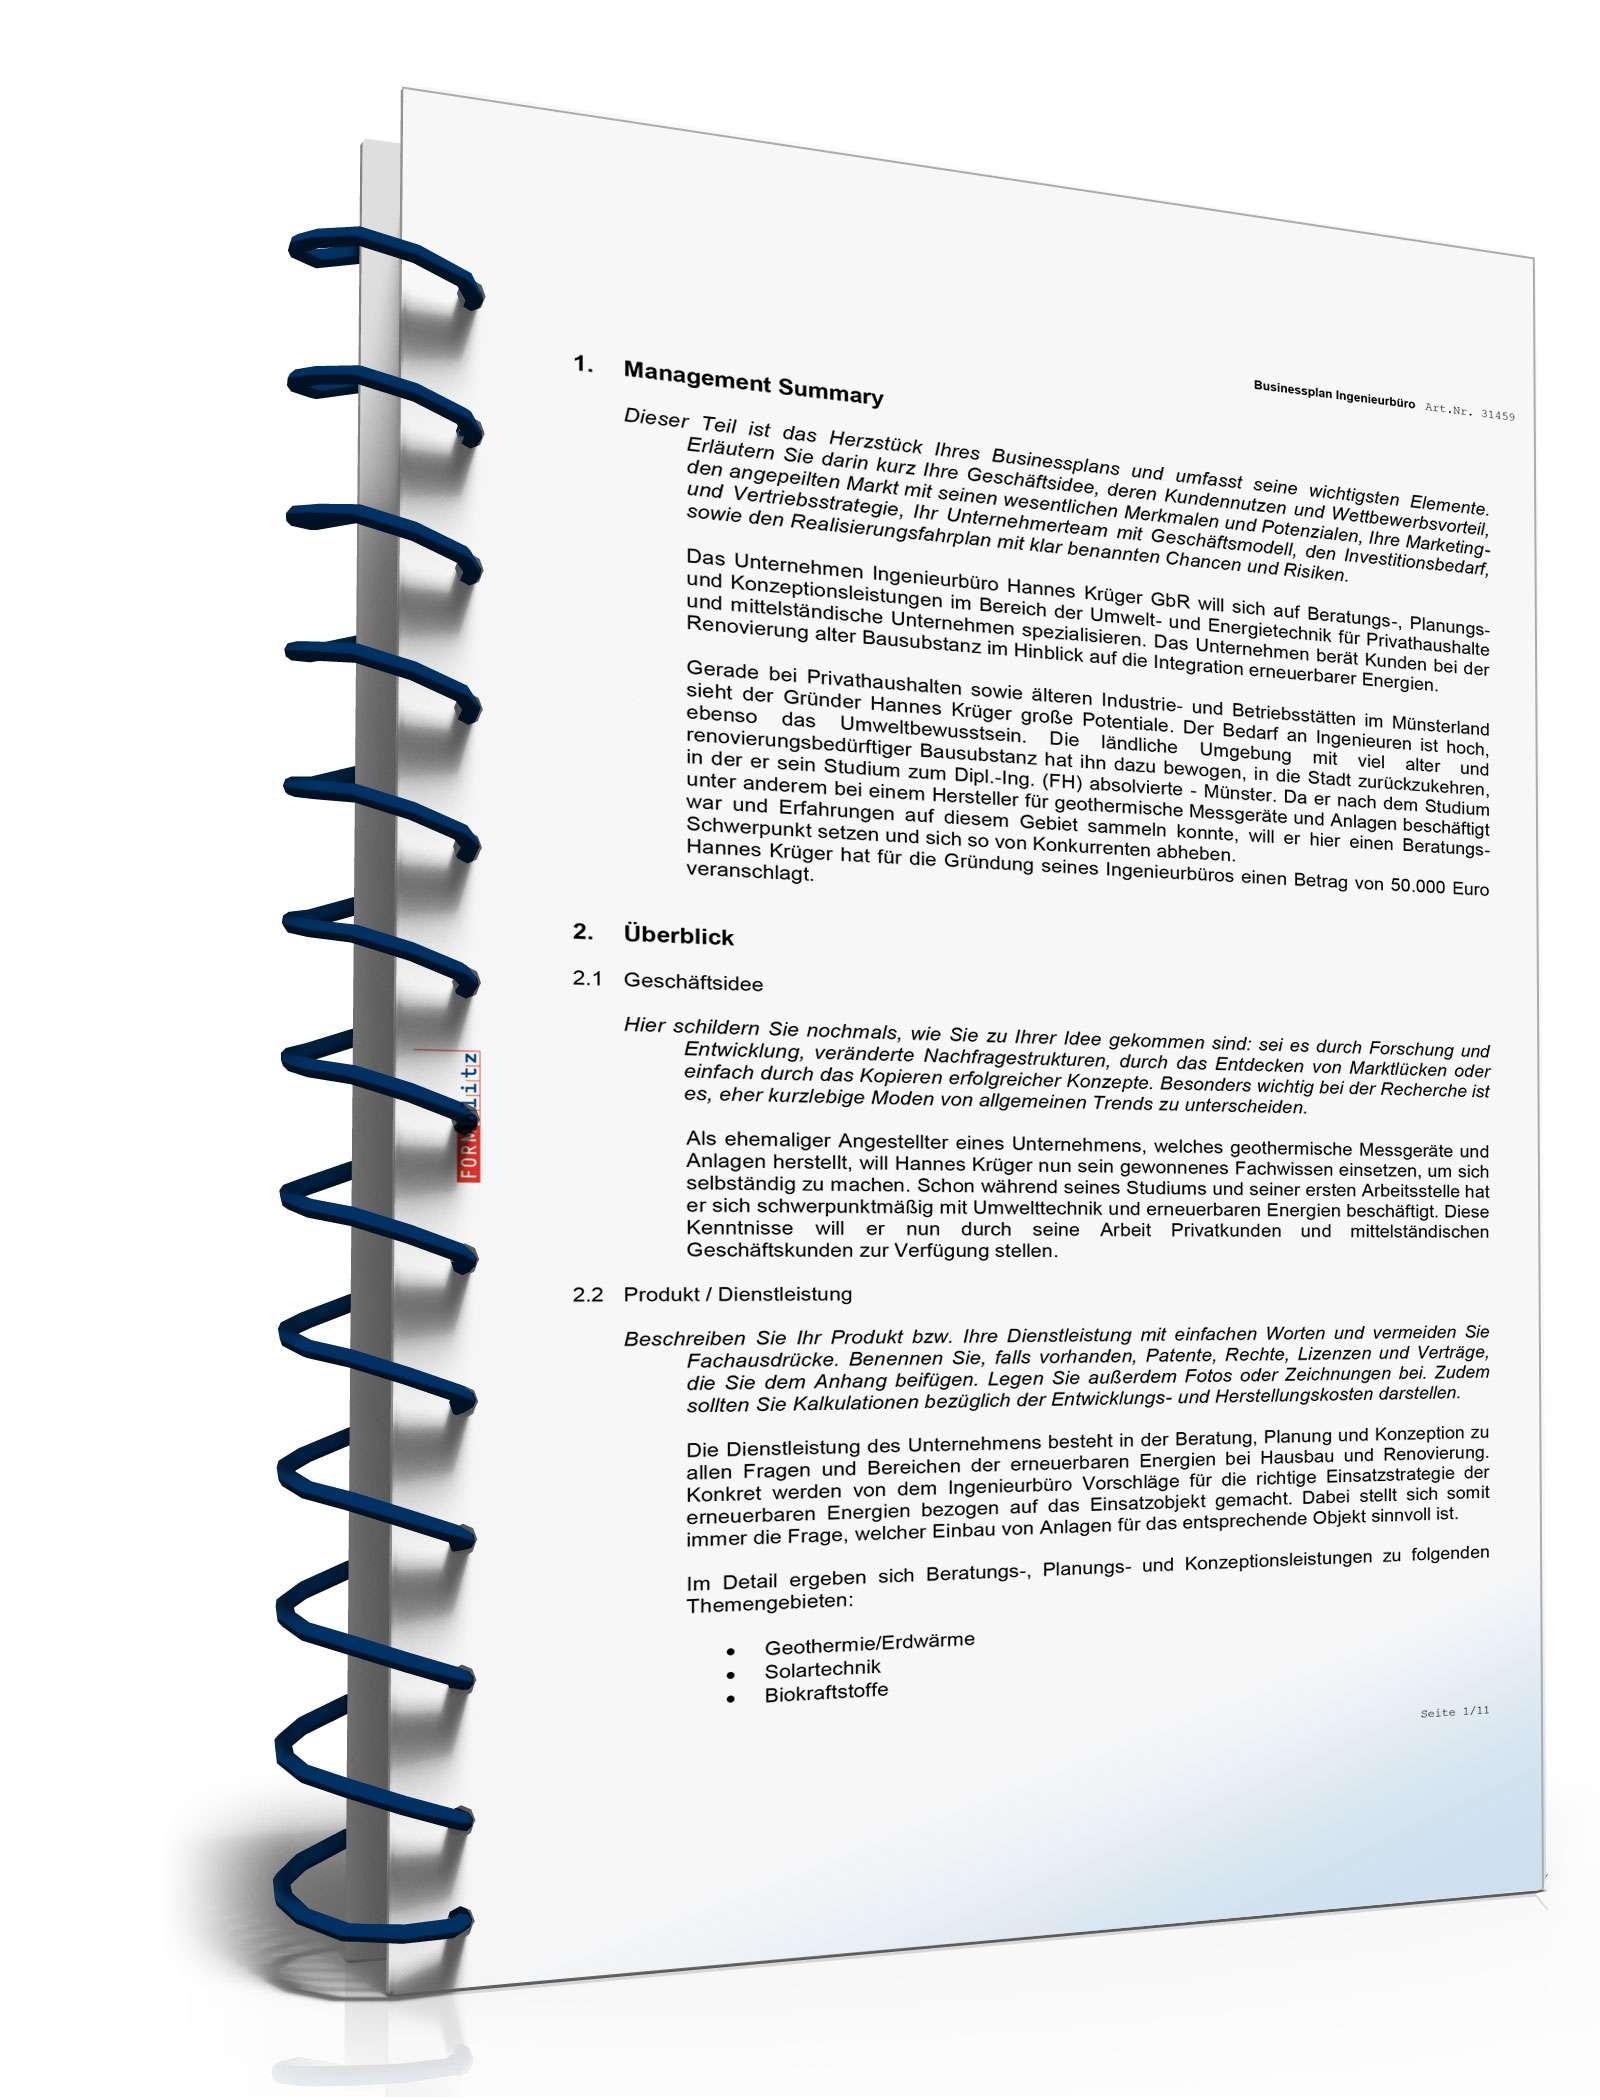 Wunderbar Geschäftsidee Vorschlag Vorlage Ideen - Beispiel ...